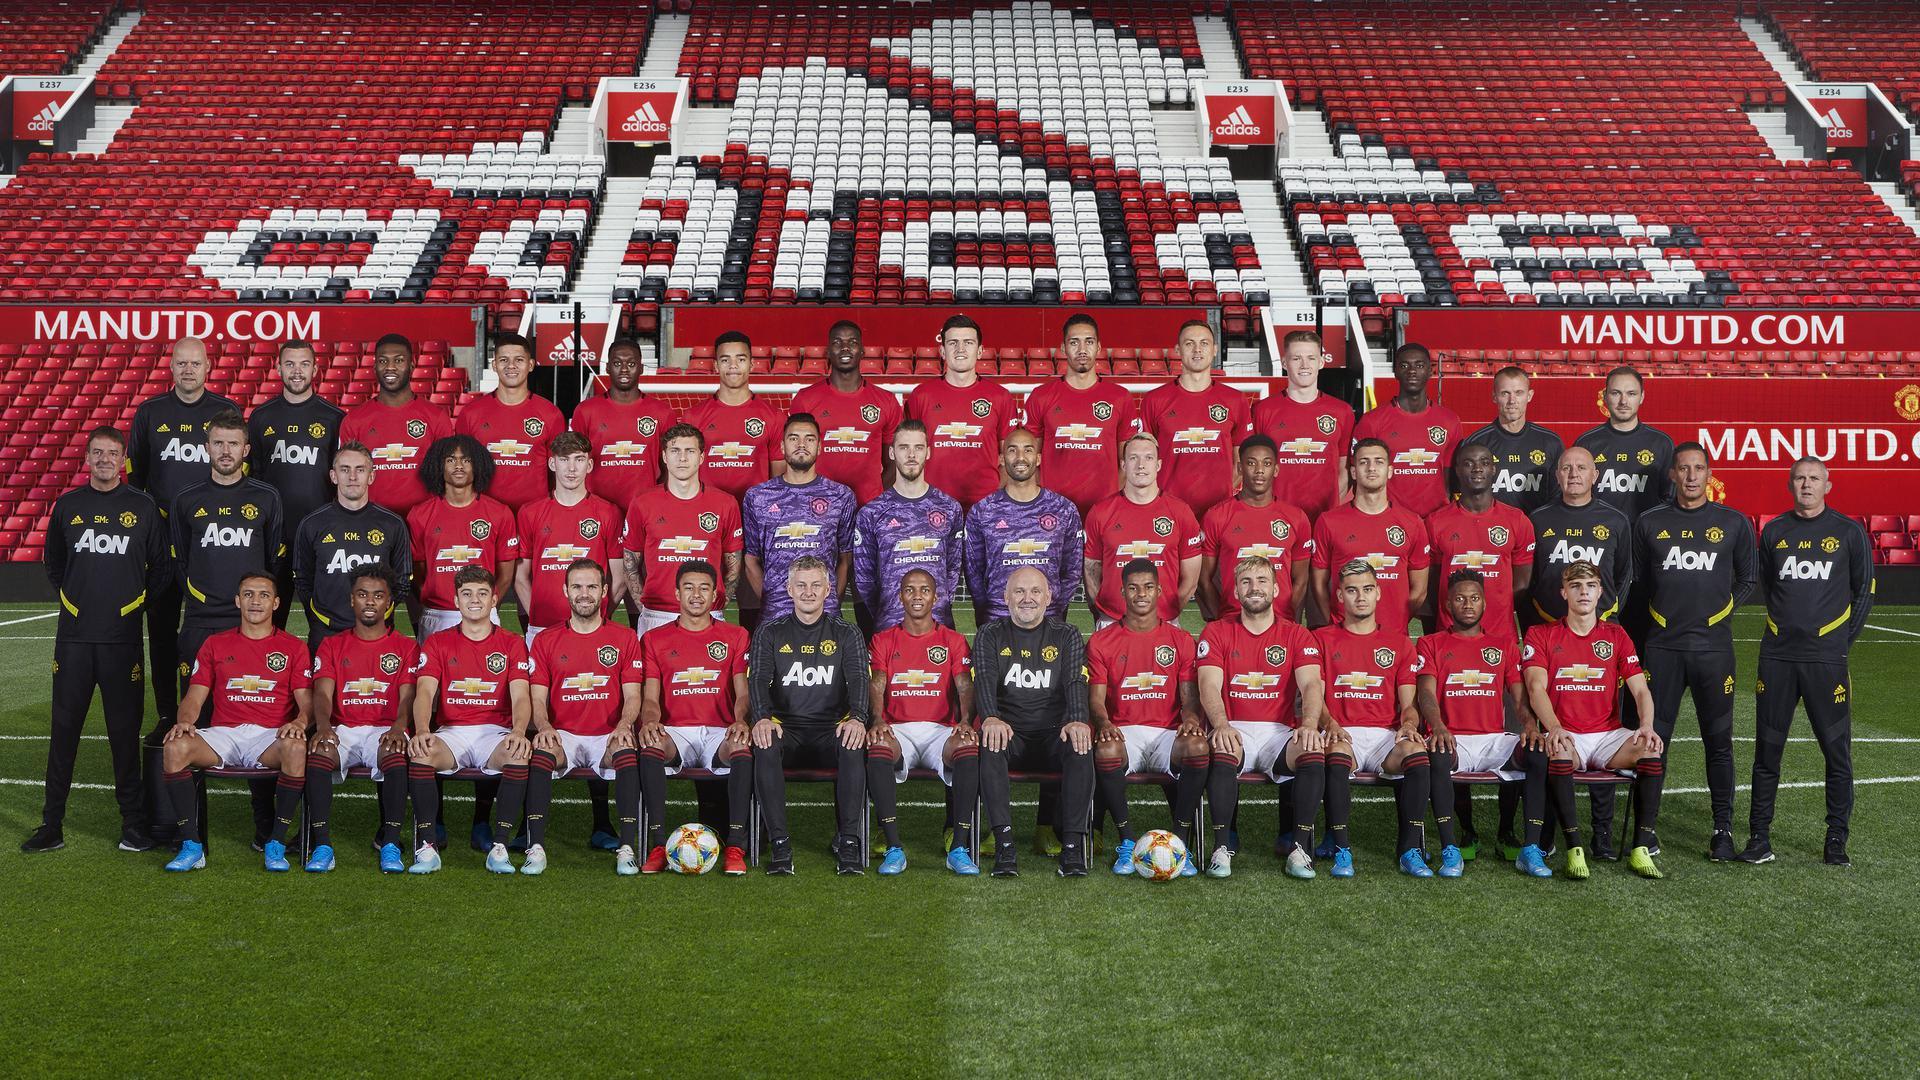 Daftar Pemain Manchester United yang Harus Dibuang Musim Depan